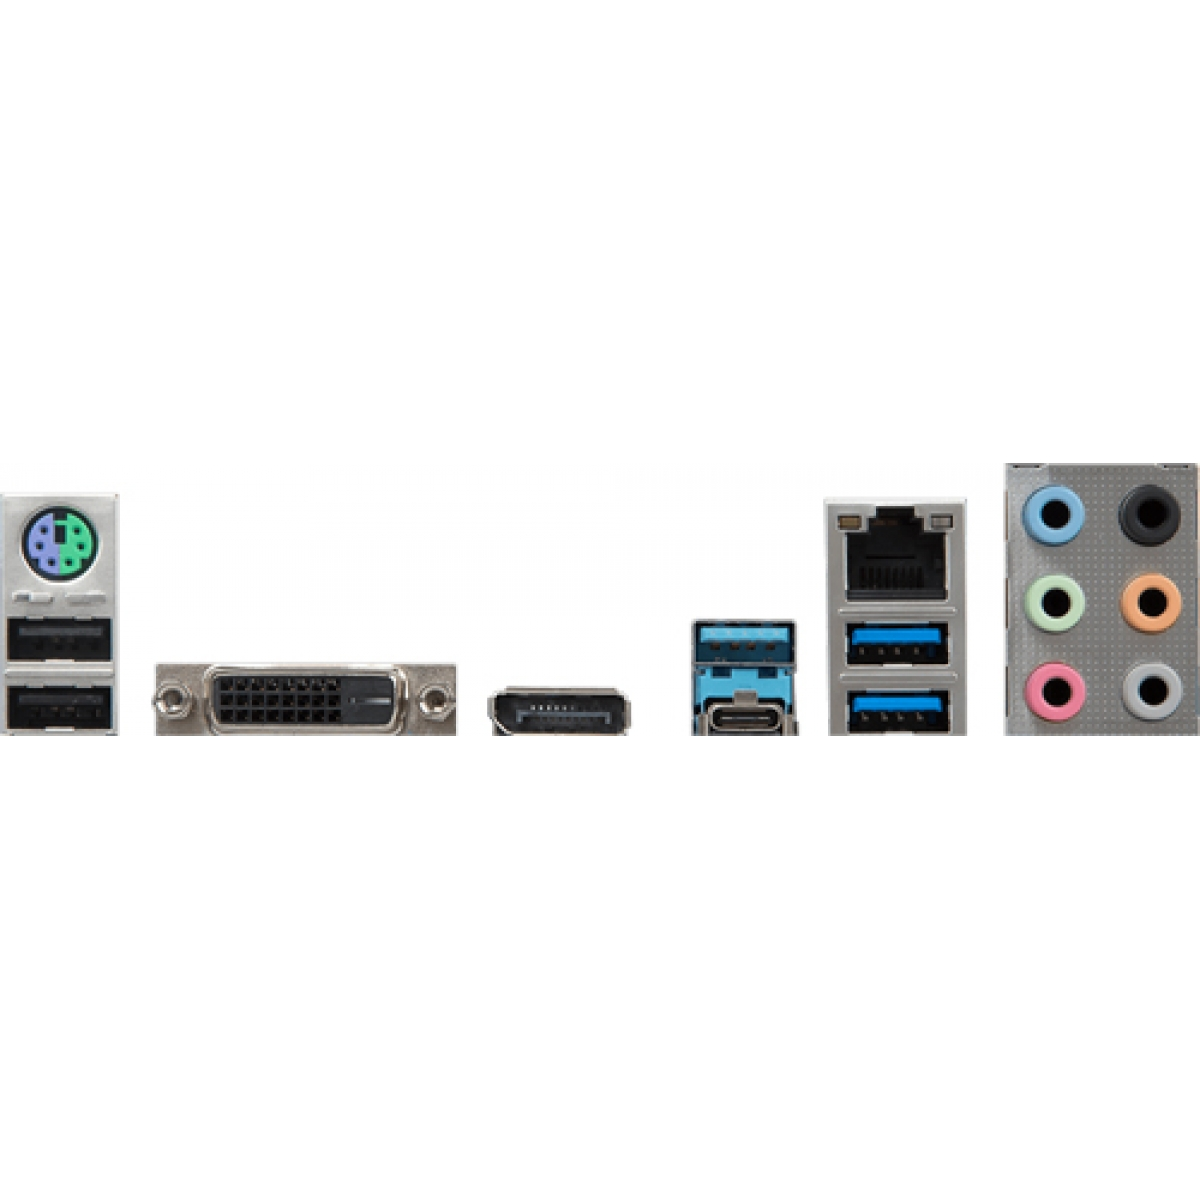 Placa Mãe MSI B360-A PRO, Chipset B360, Intel LGA 1151, ATX, DDR4